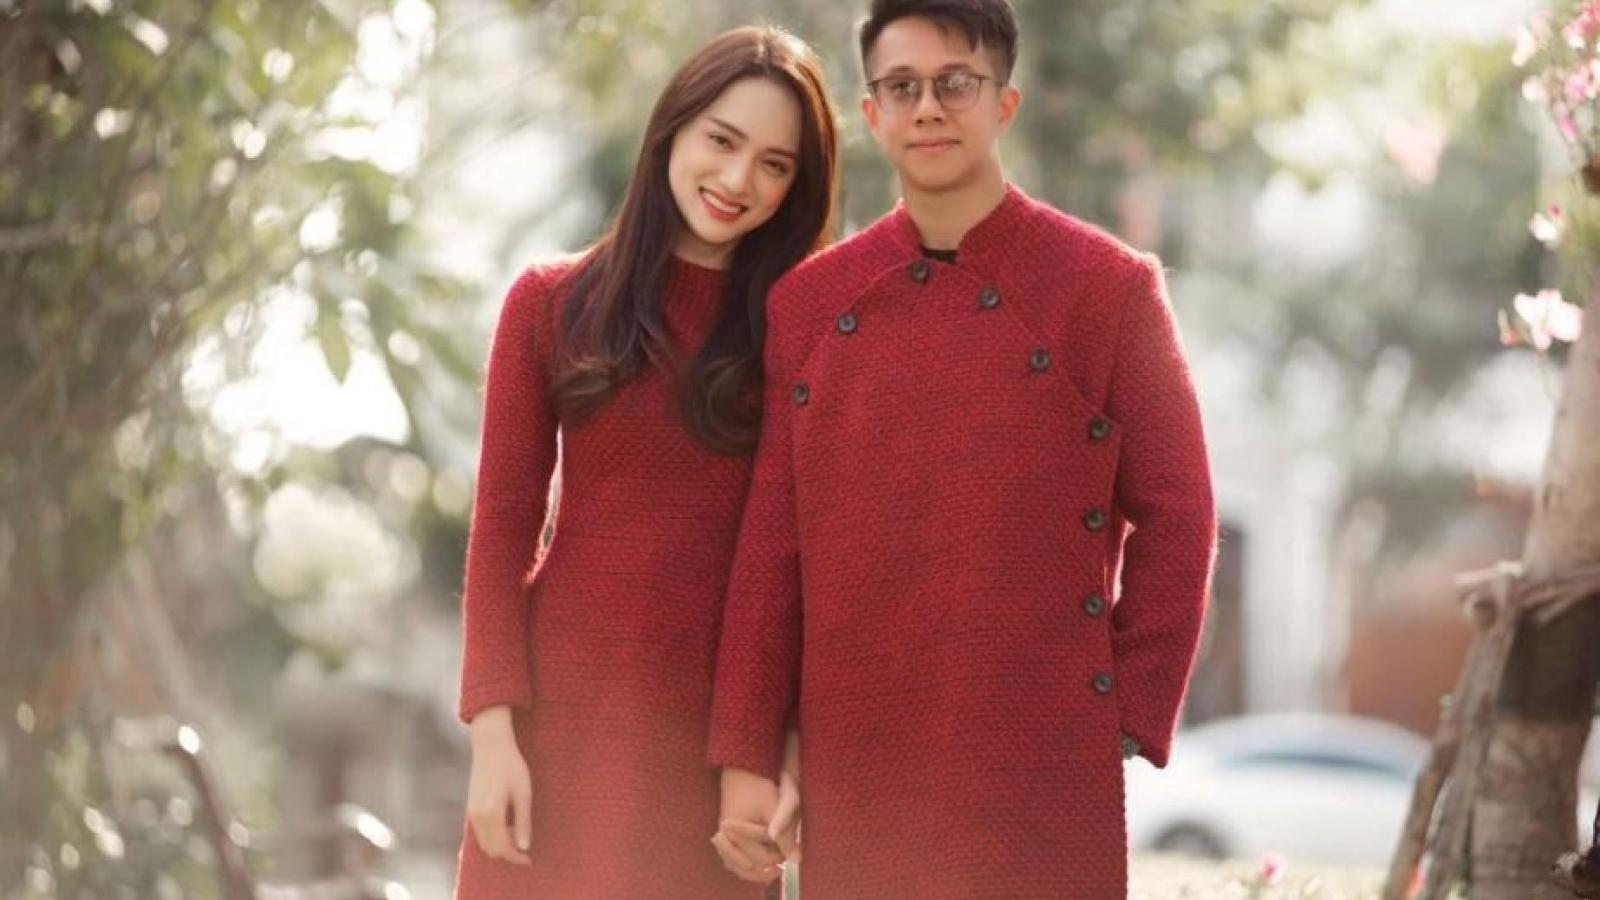 Chuyện showbiz: Hương Giang và bạn trai CEO Matt Liu chia tay?